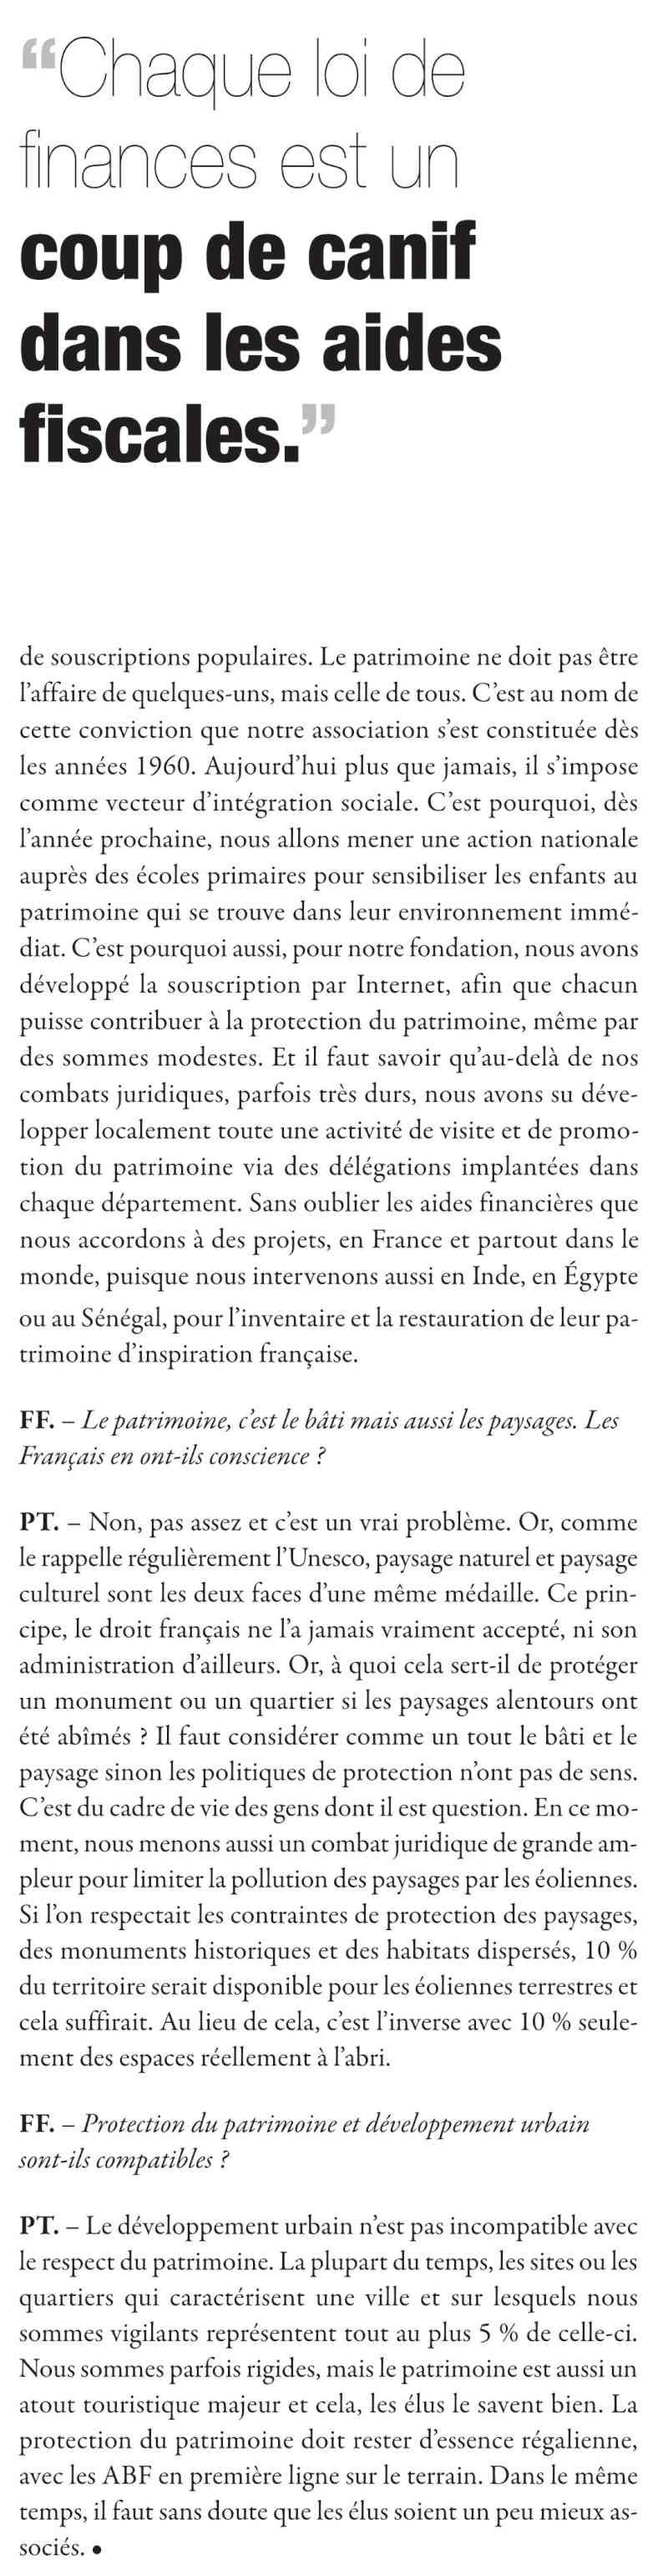 Les VMF et la protection du patrimoine par Philippe TOUSSAINT 311